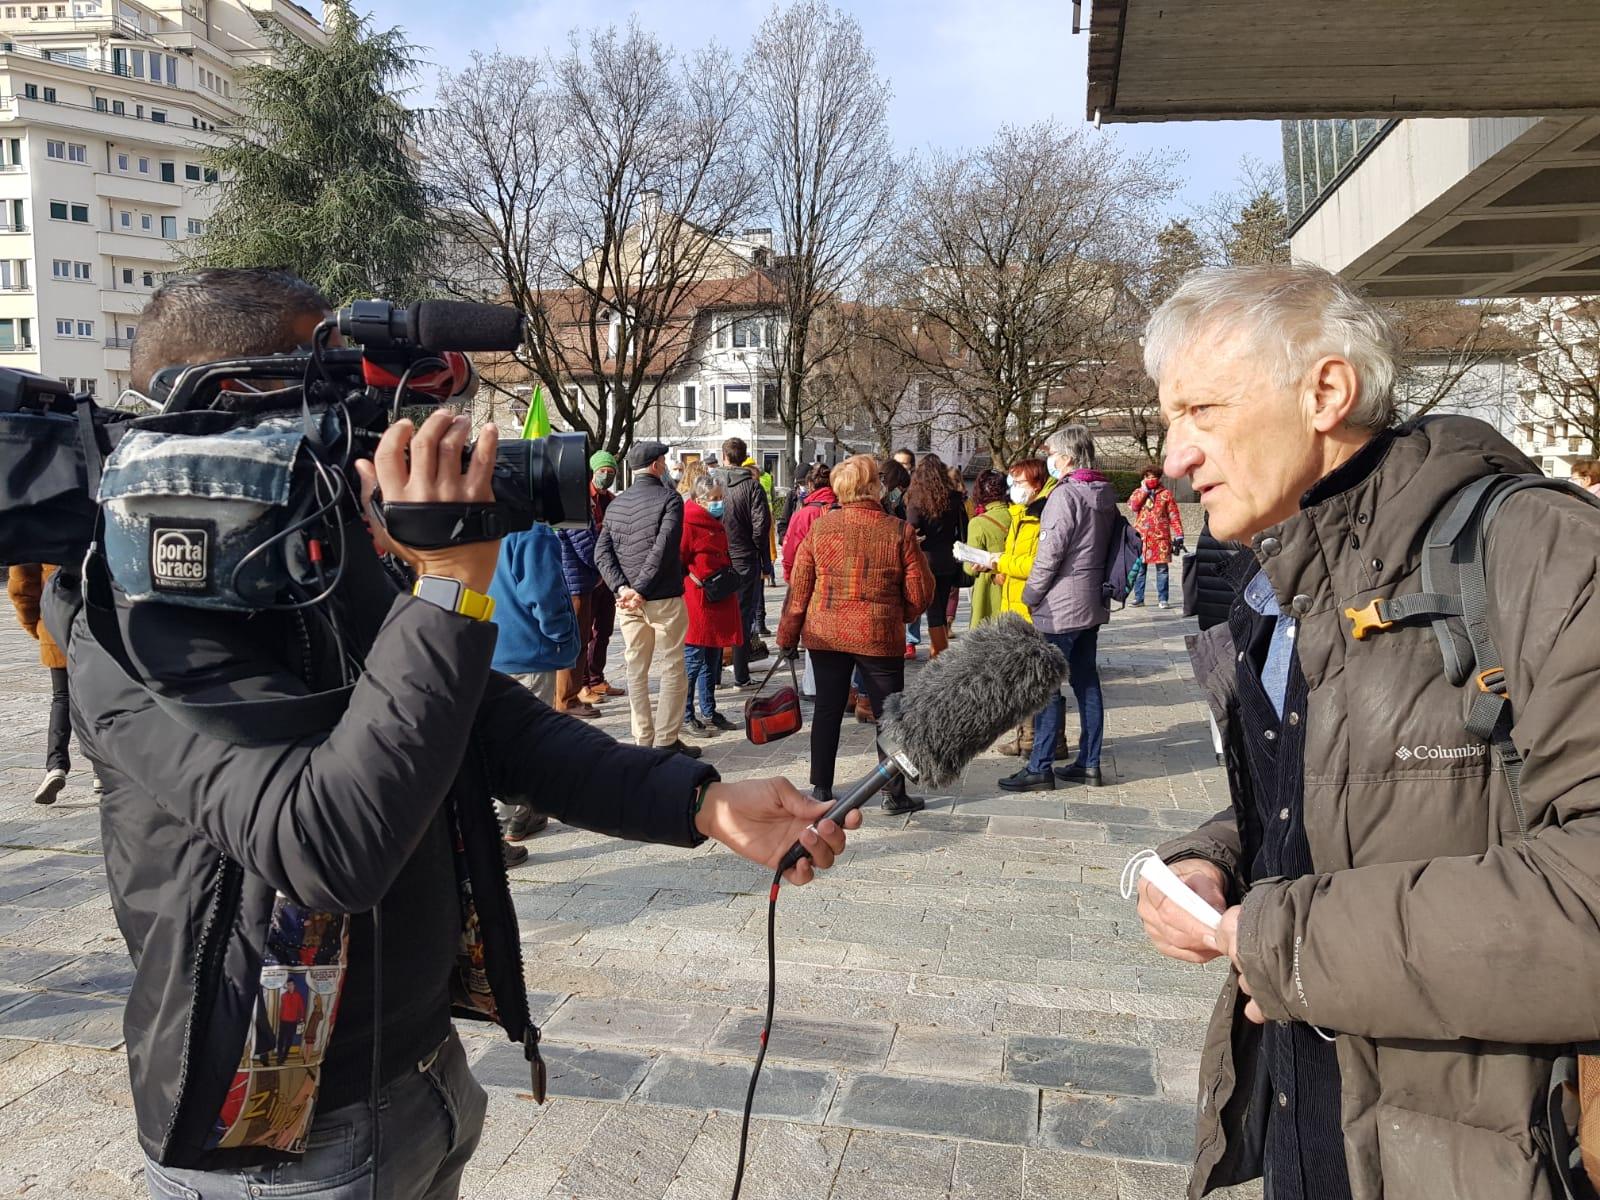 Amende requise pour un journaliste considéré comme un manifestant